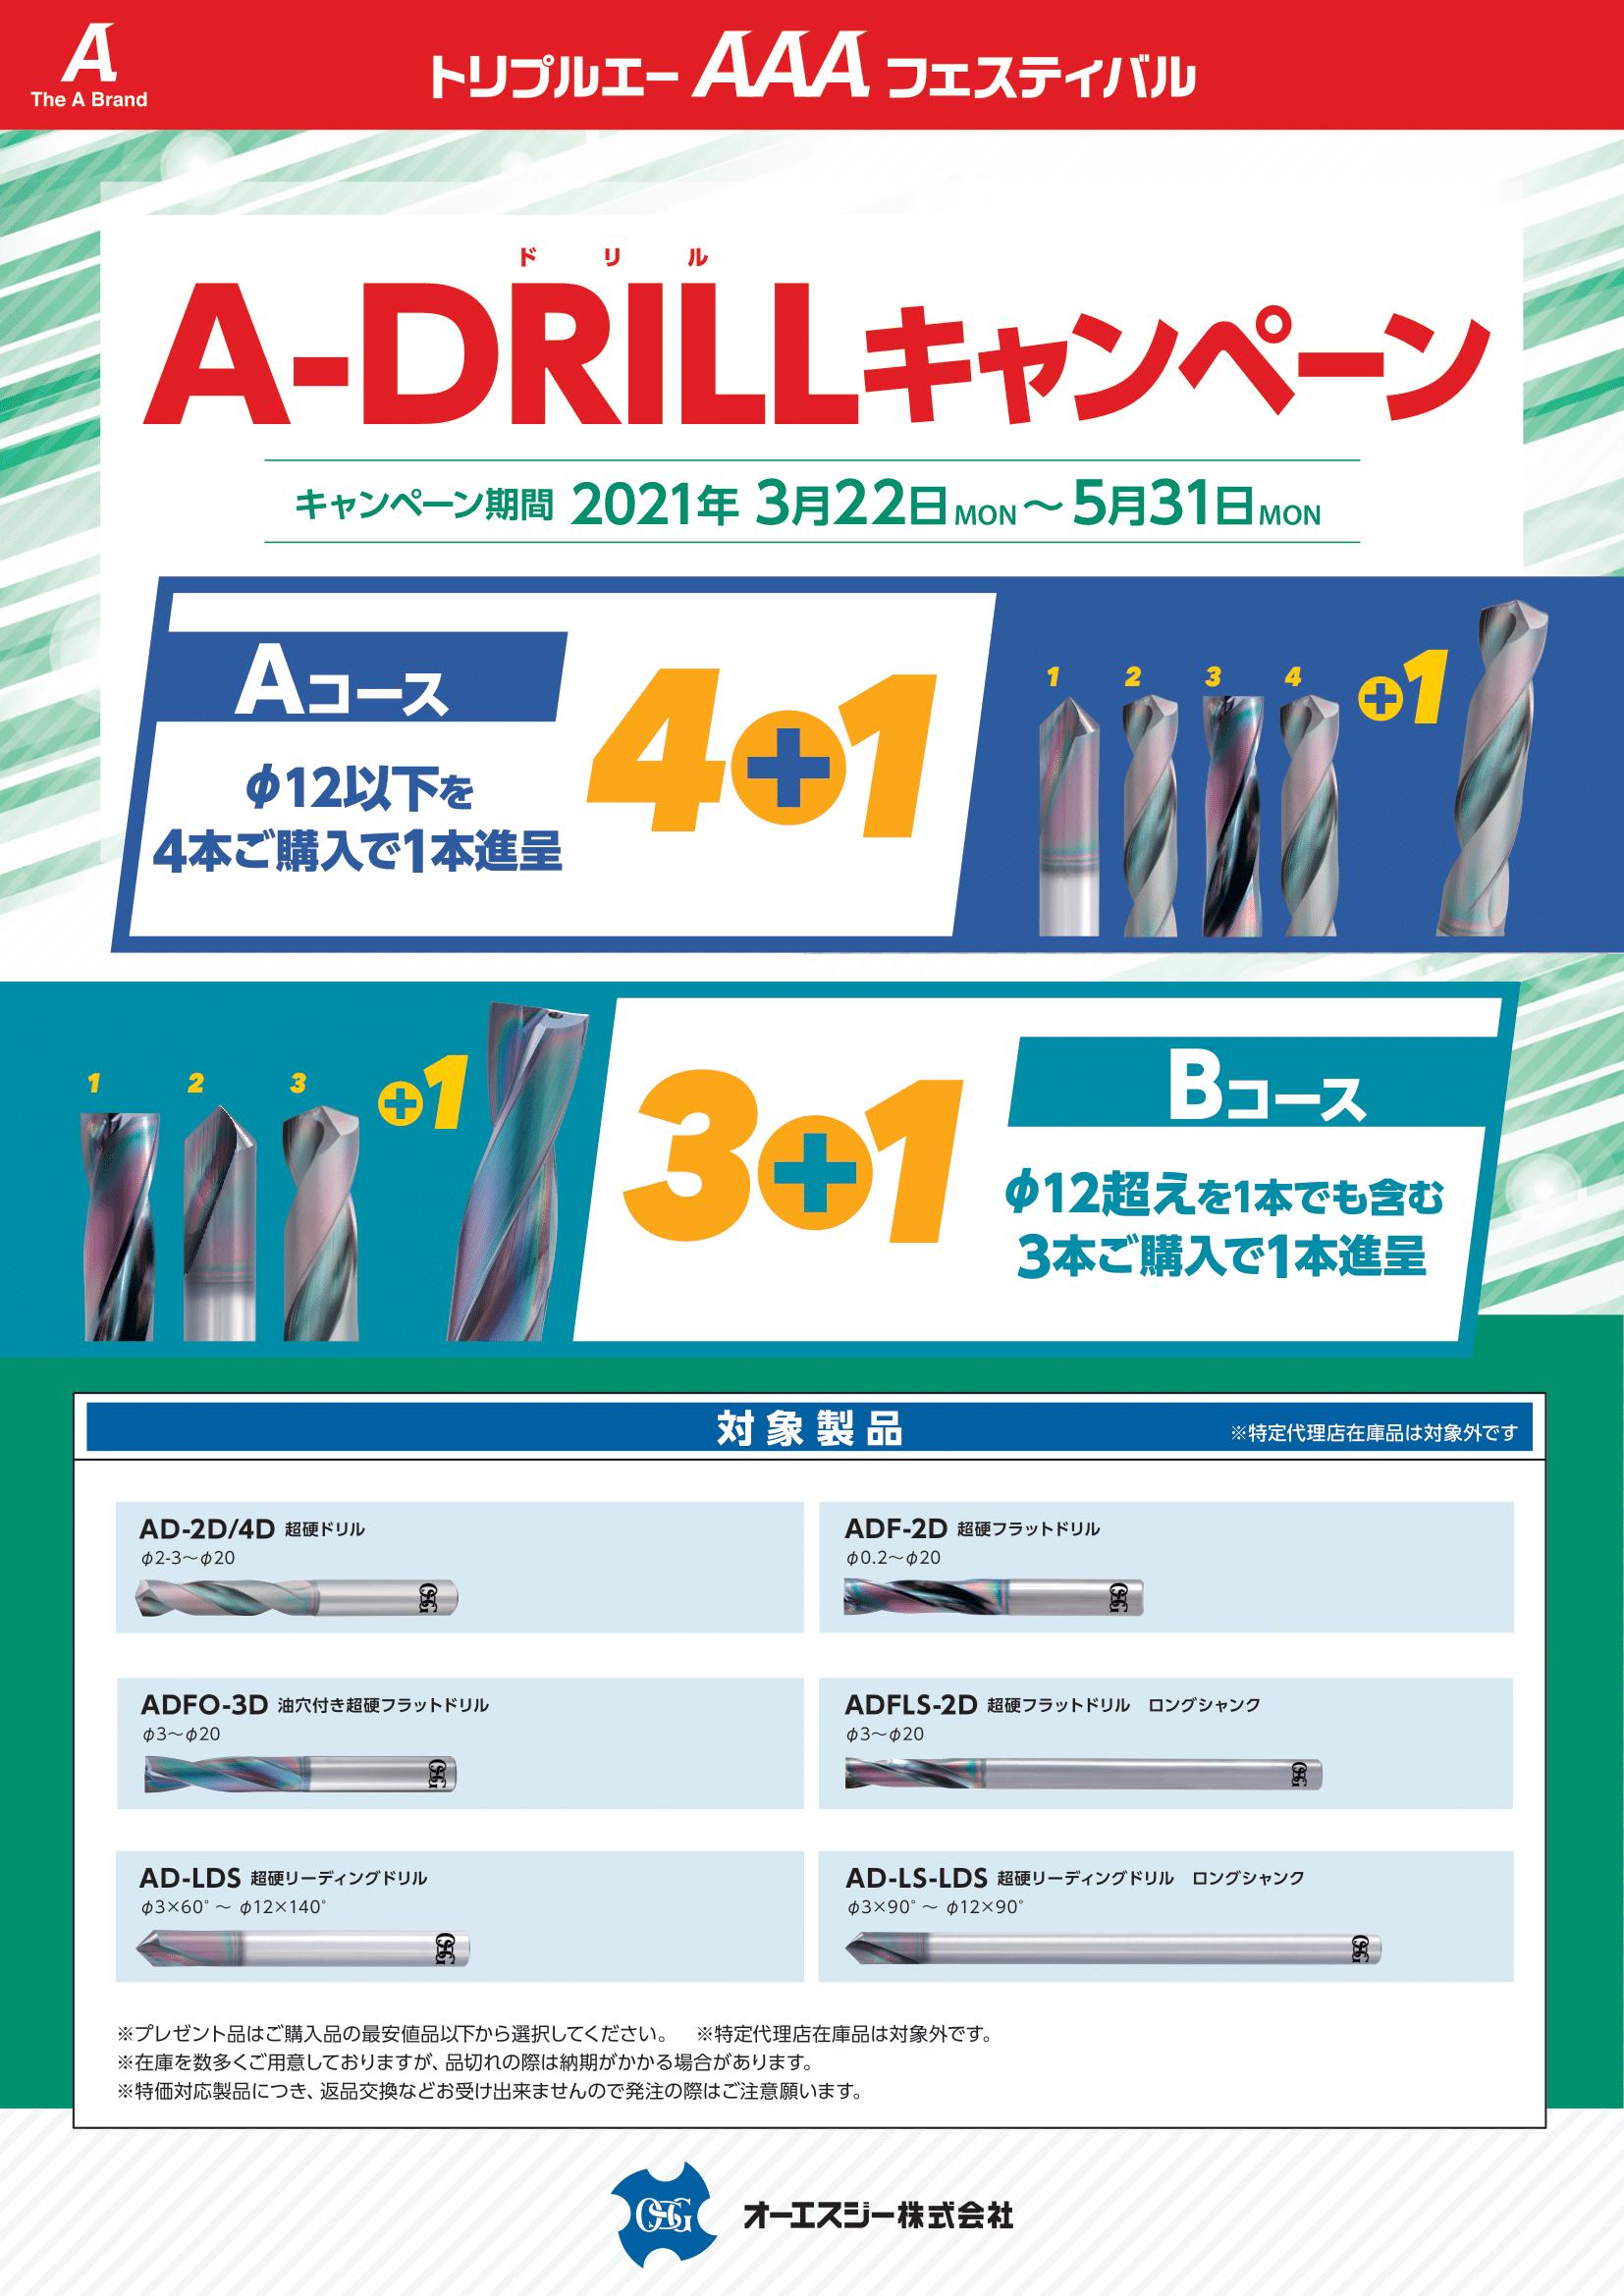 F-266_A-DRILL_1